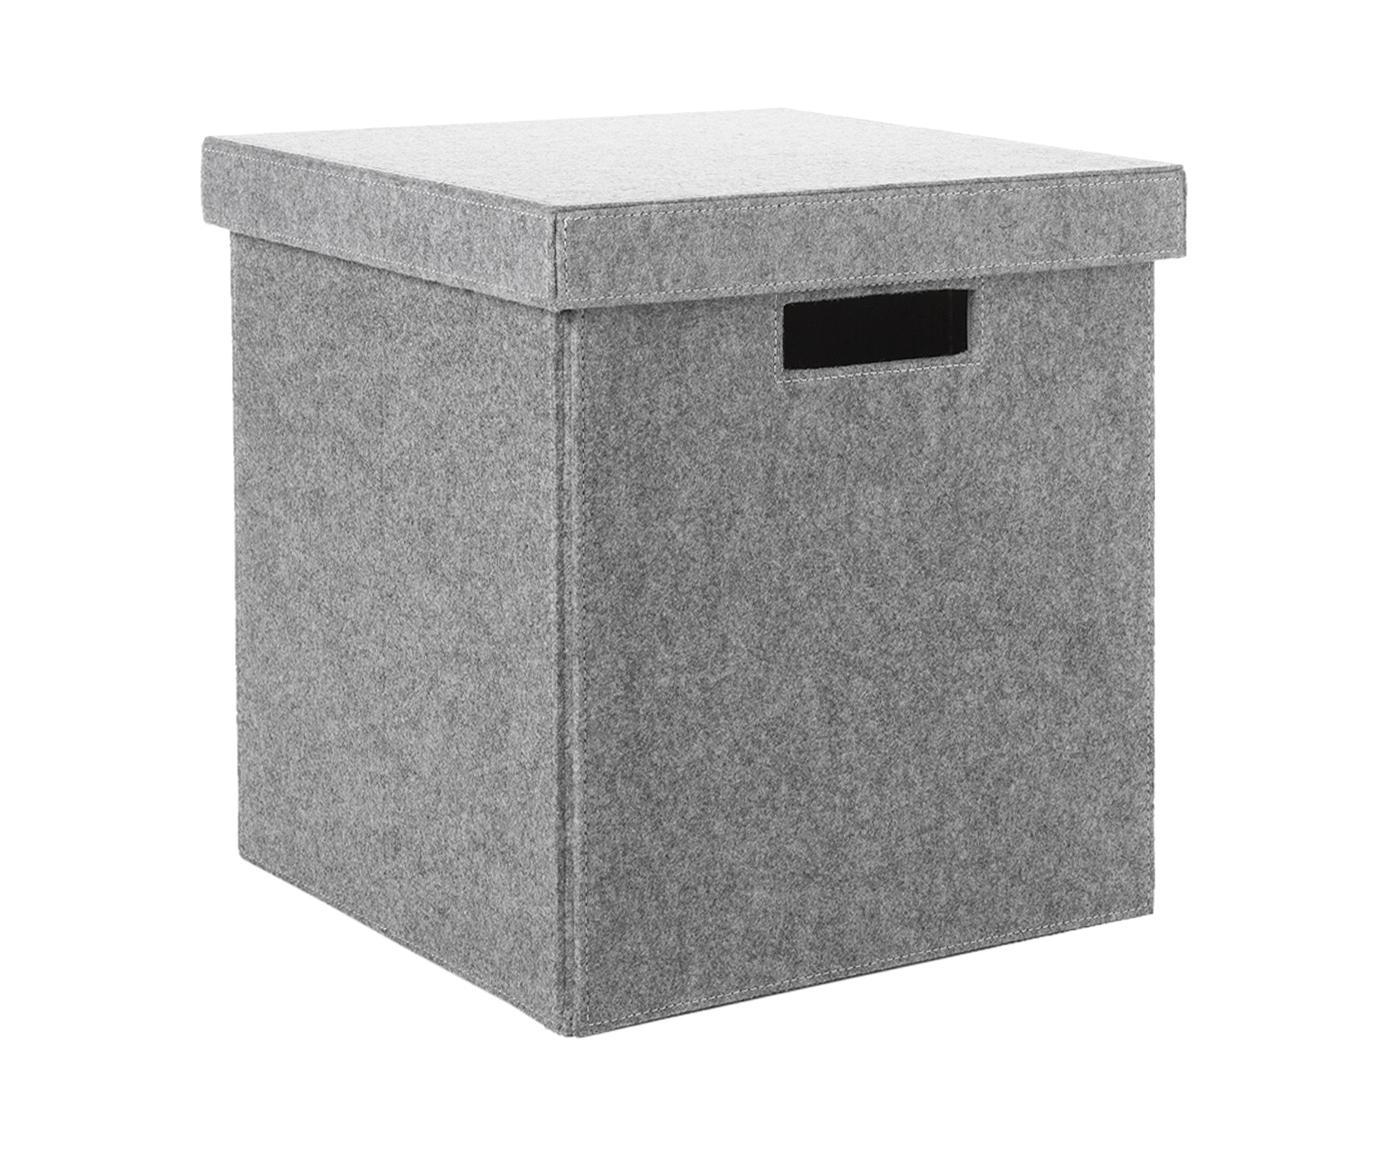 Pudełko do przechowywania Lena, Filc wykonany z tworzywa tworzywa pochodzącego z recyklingu, Jasnoszary, W 32 x S 32 cm